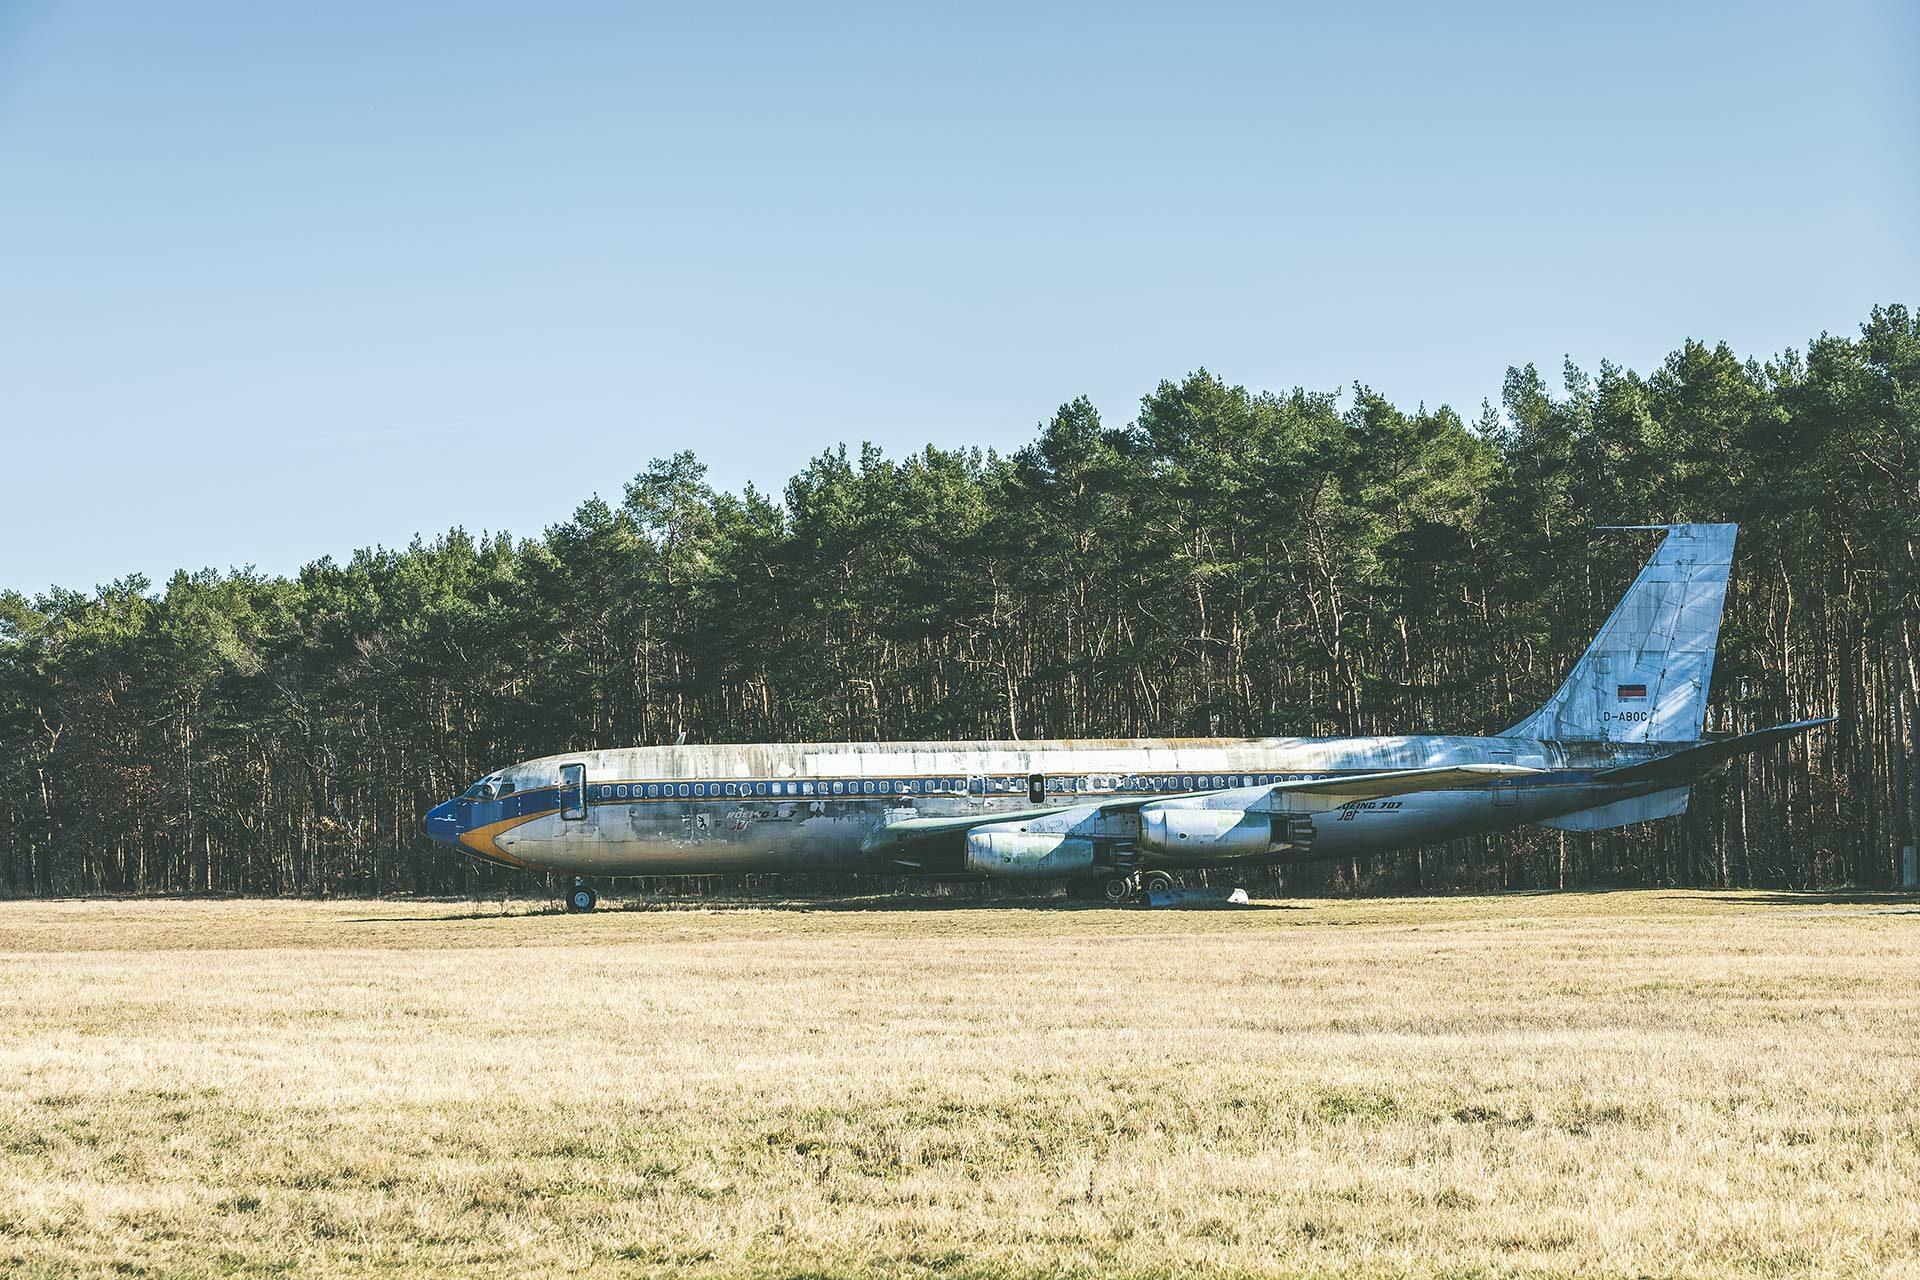 Auf dem Gelände des ehemaligen Flughafens Tegel steht in unmittelbarer Nähe zum Forst Jungfernheide der Korpus einer alten Boeing 707.